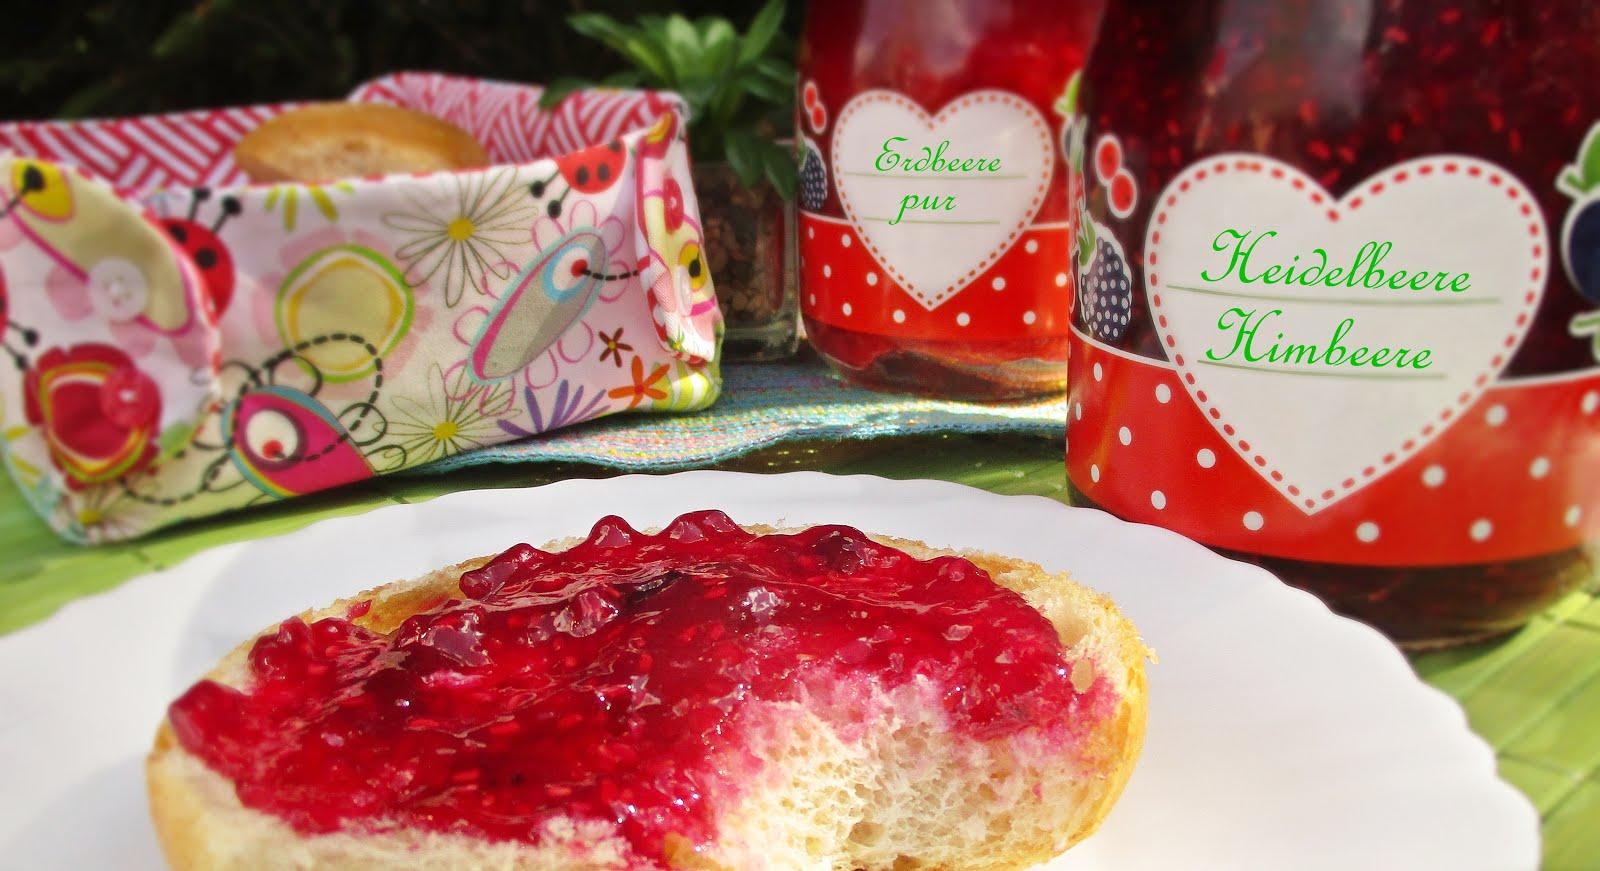 jaimees welt marmelade selbst gemacht der geschmack des sommers im glas. Black Bedroom Furniture Sets. Home Design Ideas